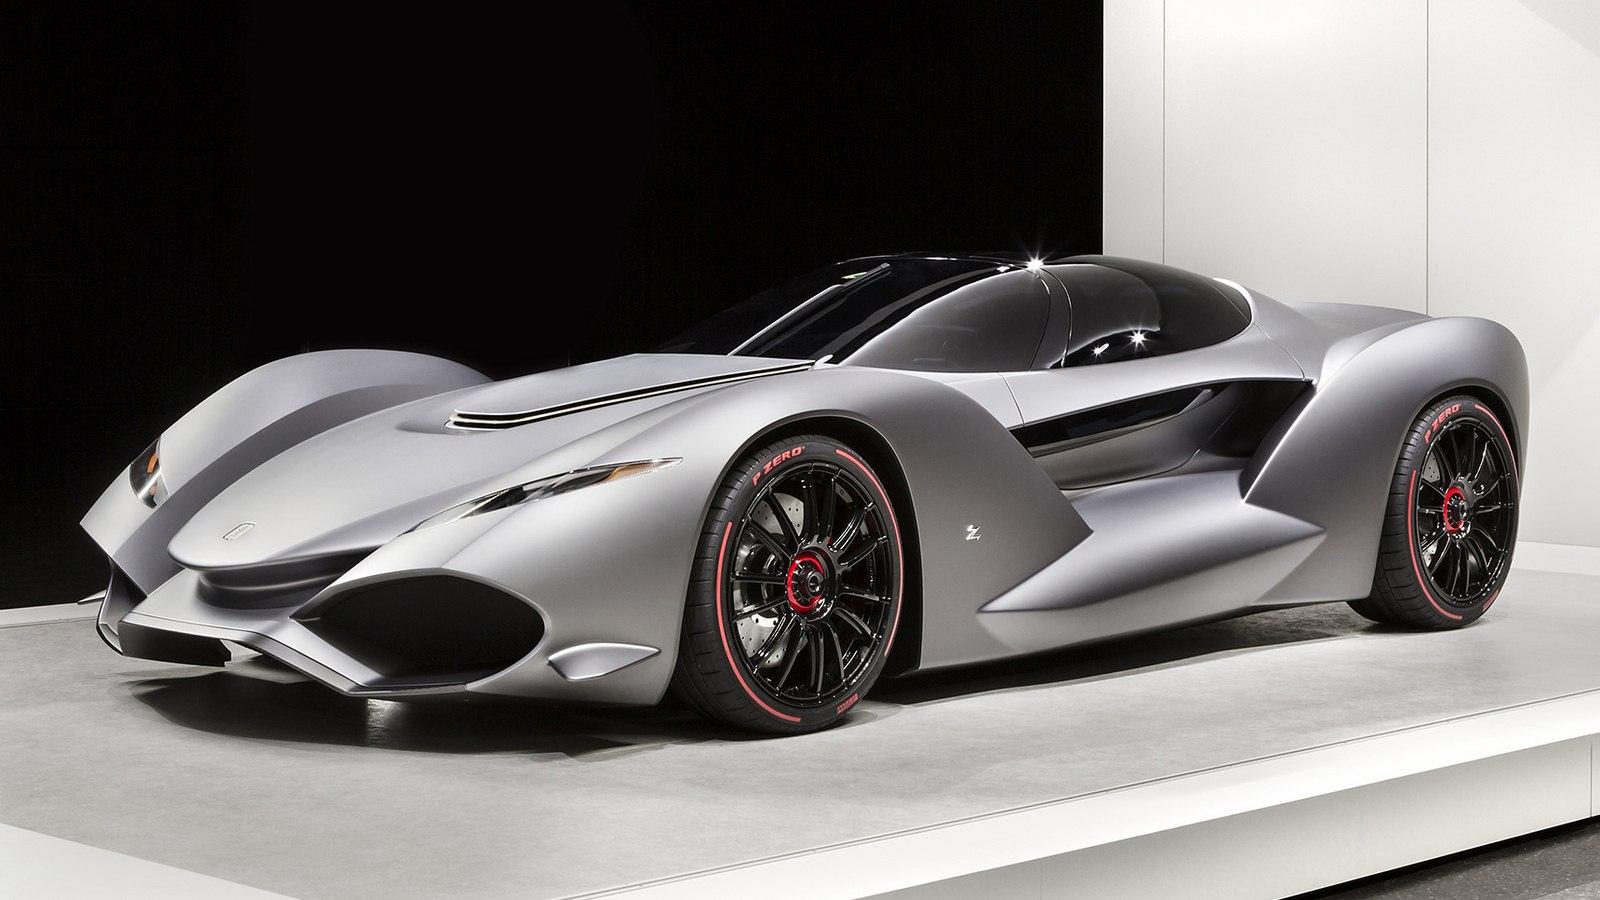 2017. Iso Rivolta Vision Gran Turismo